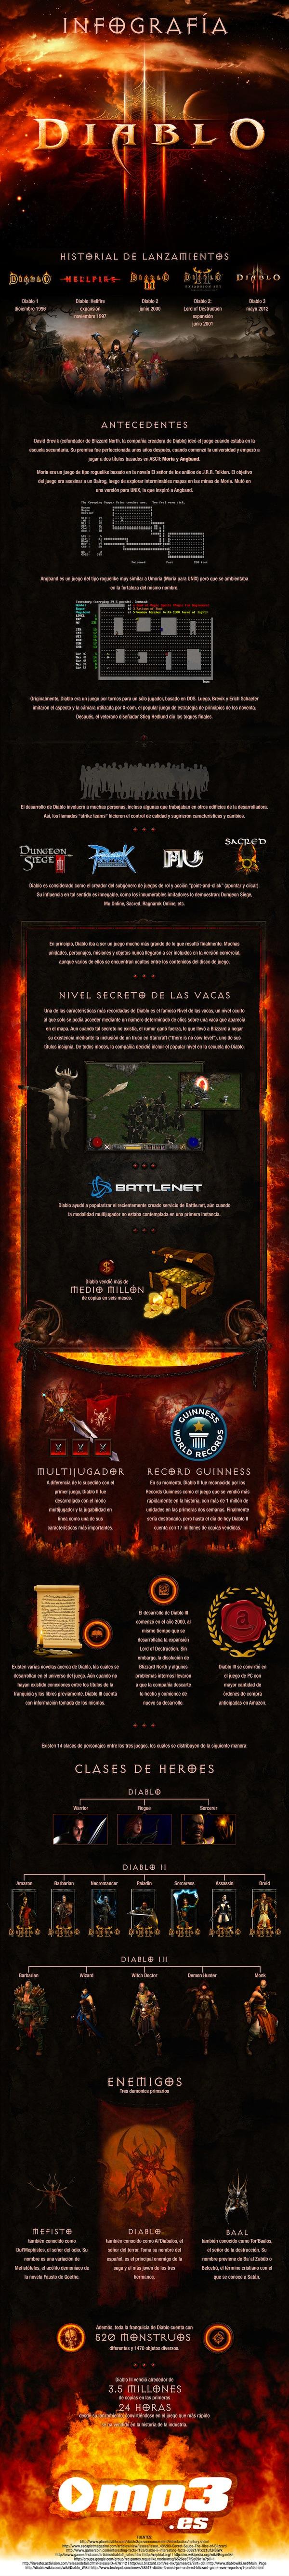 Diablo 3 y sus antecesores en una Infografía